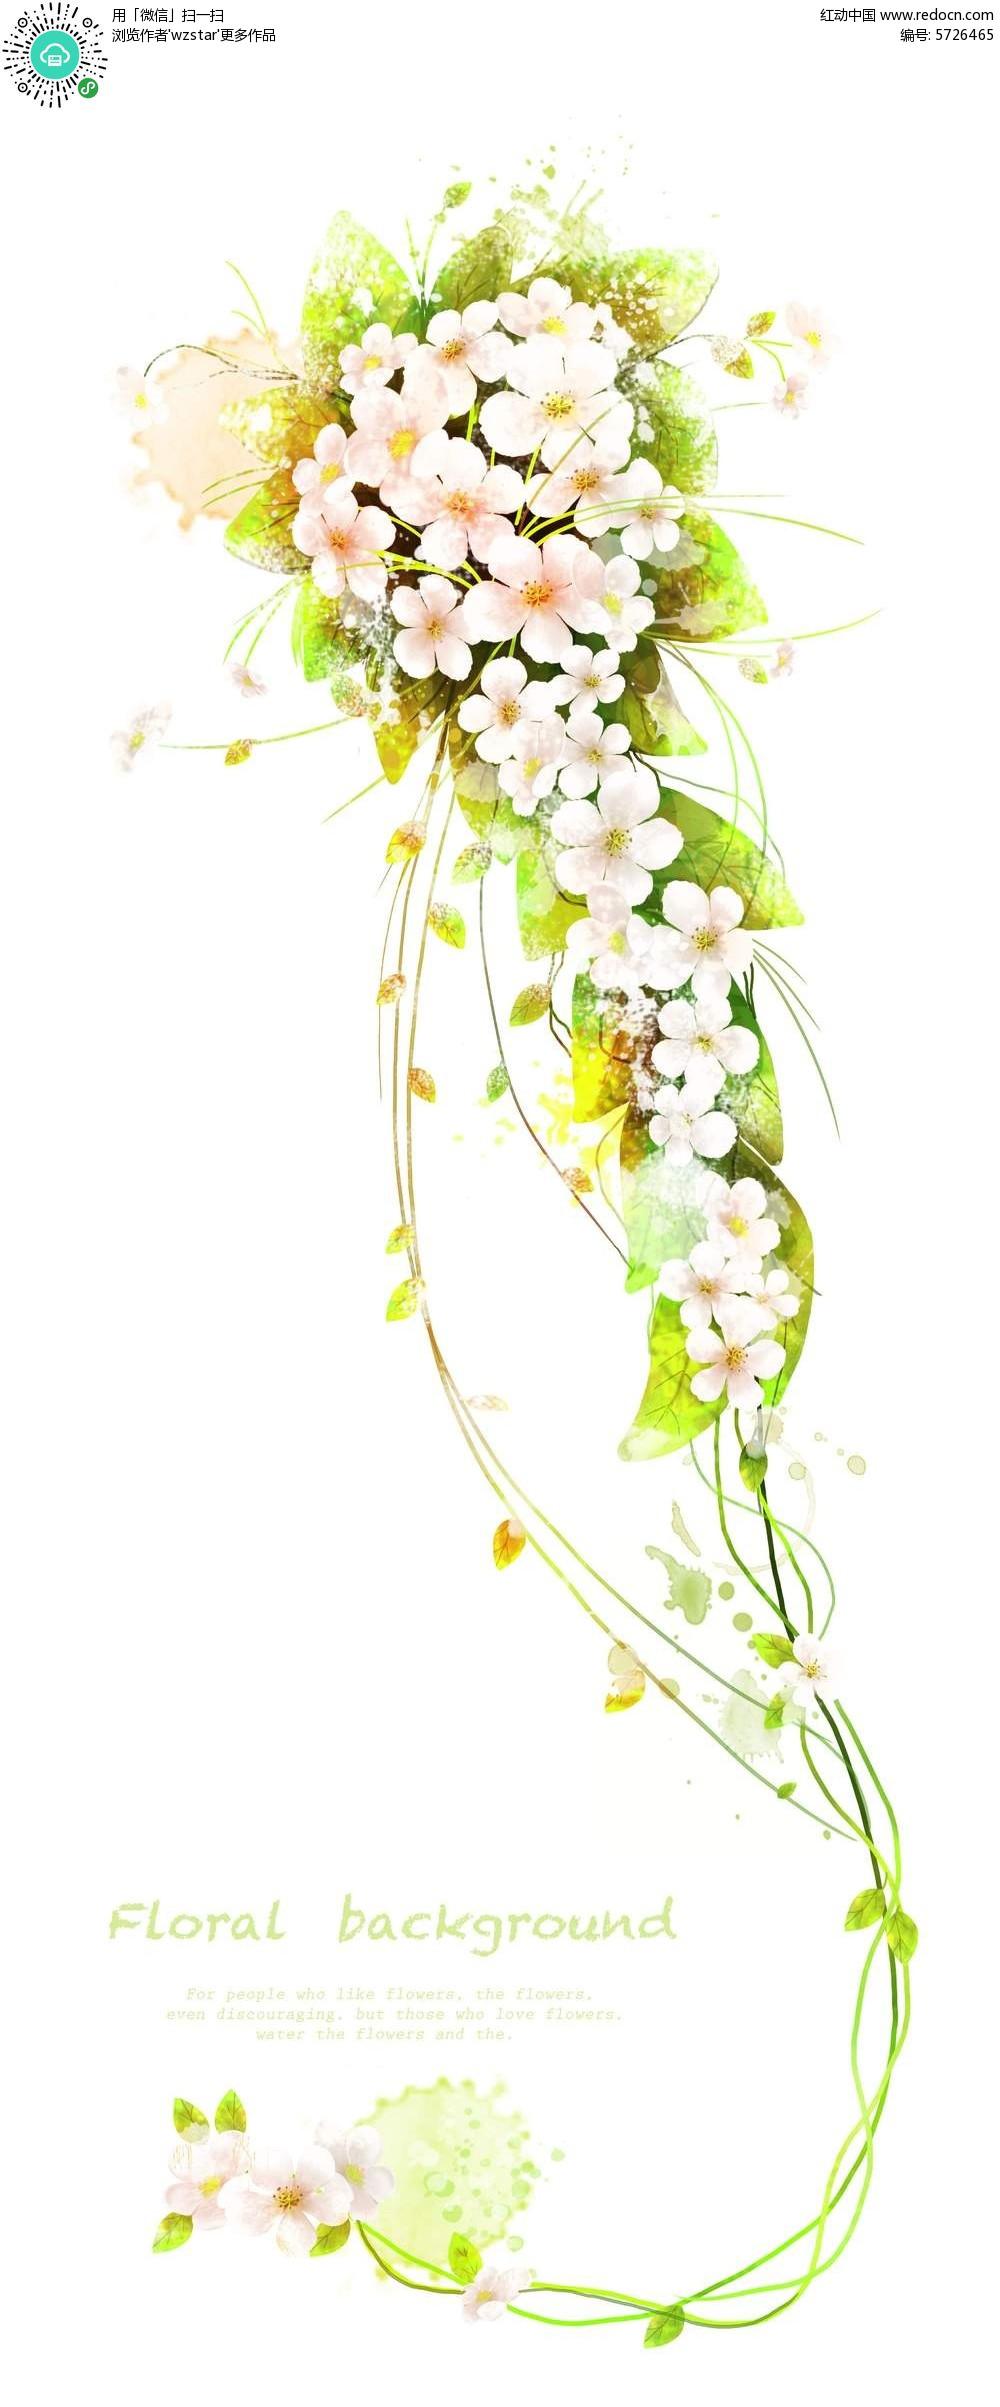 小清新绿叶白花背景素材